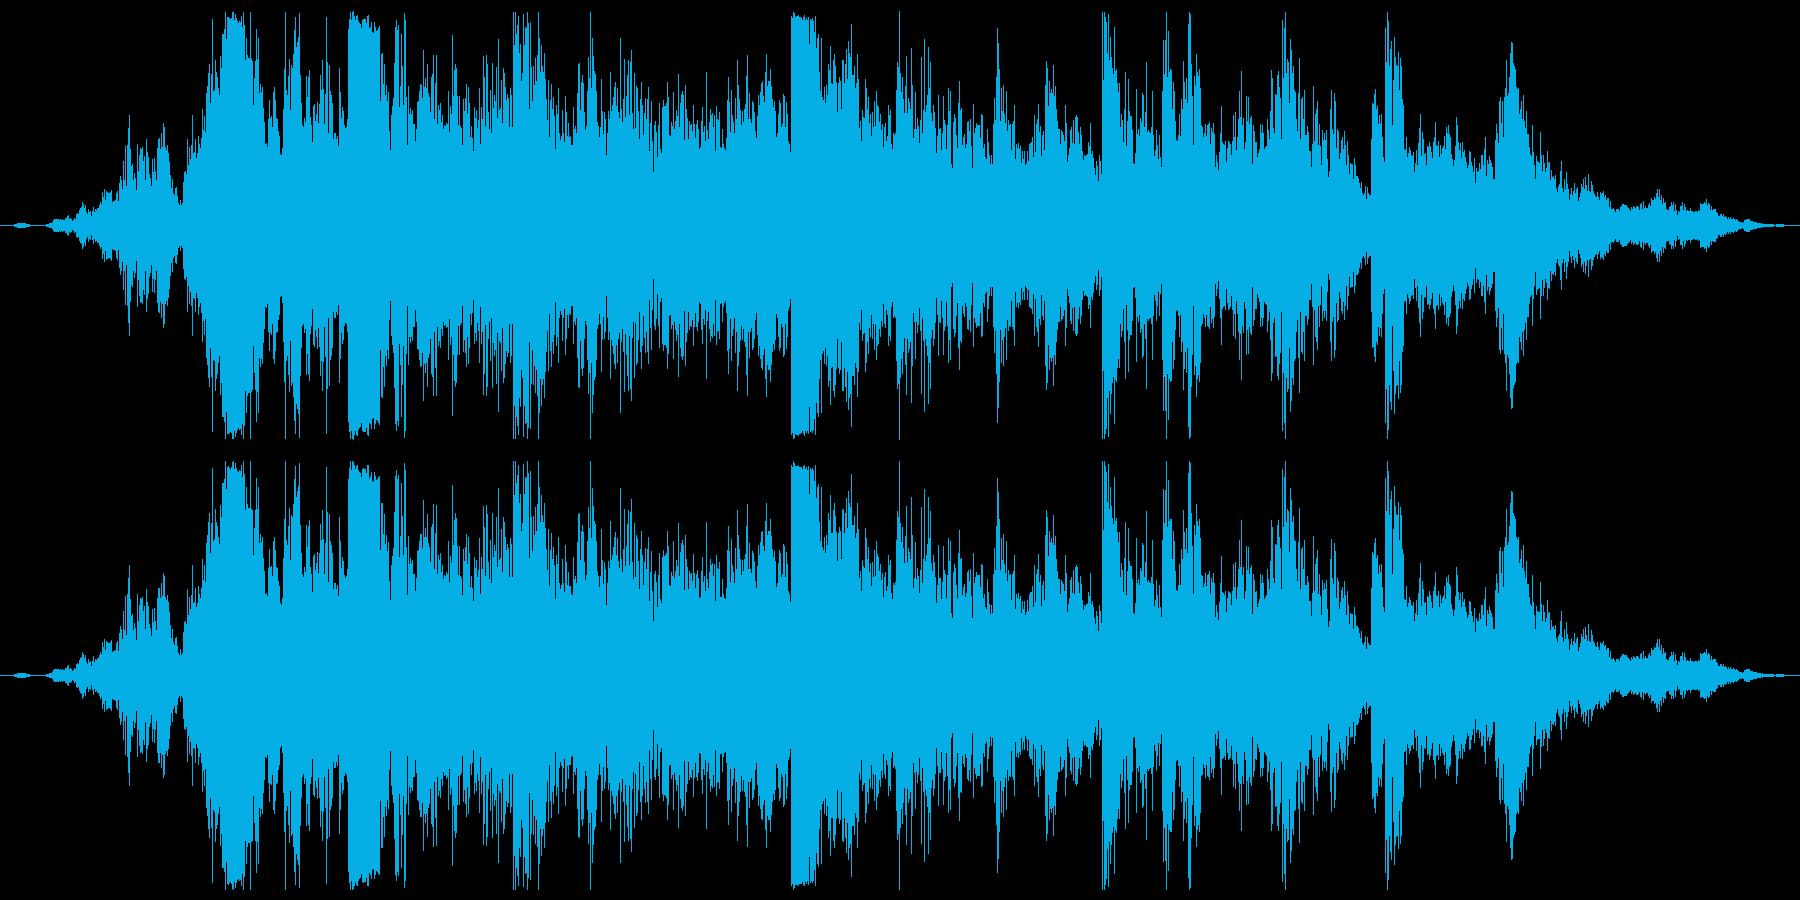 本坪鈴。神社、寺の大鈴。ガランカラカラ…の再生済みの波形